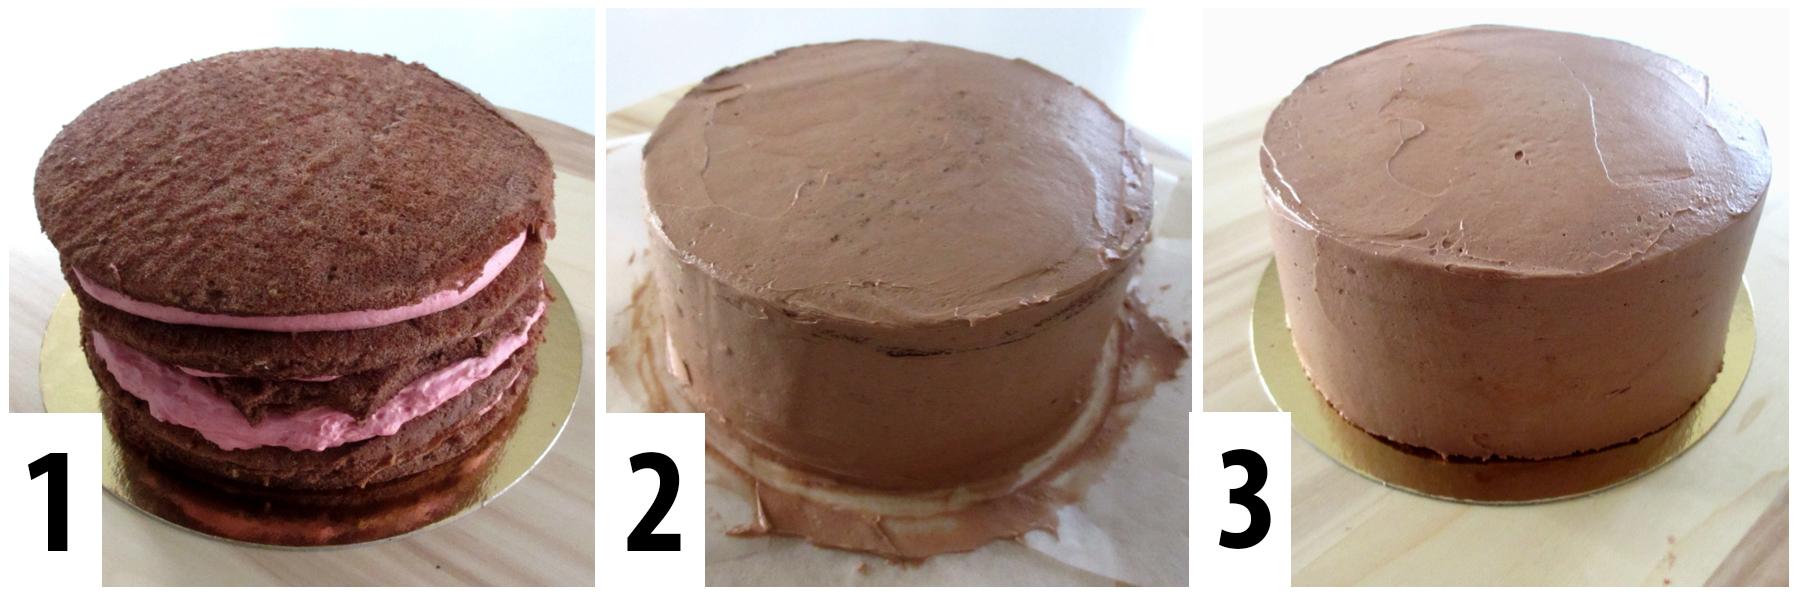 chokladtårta.jpg